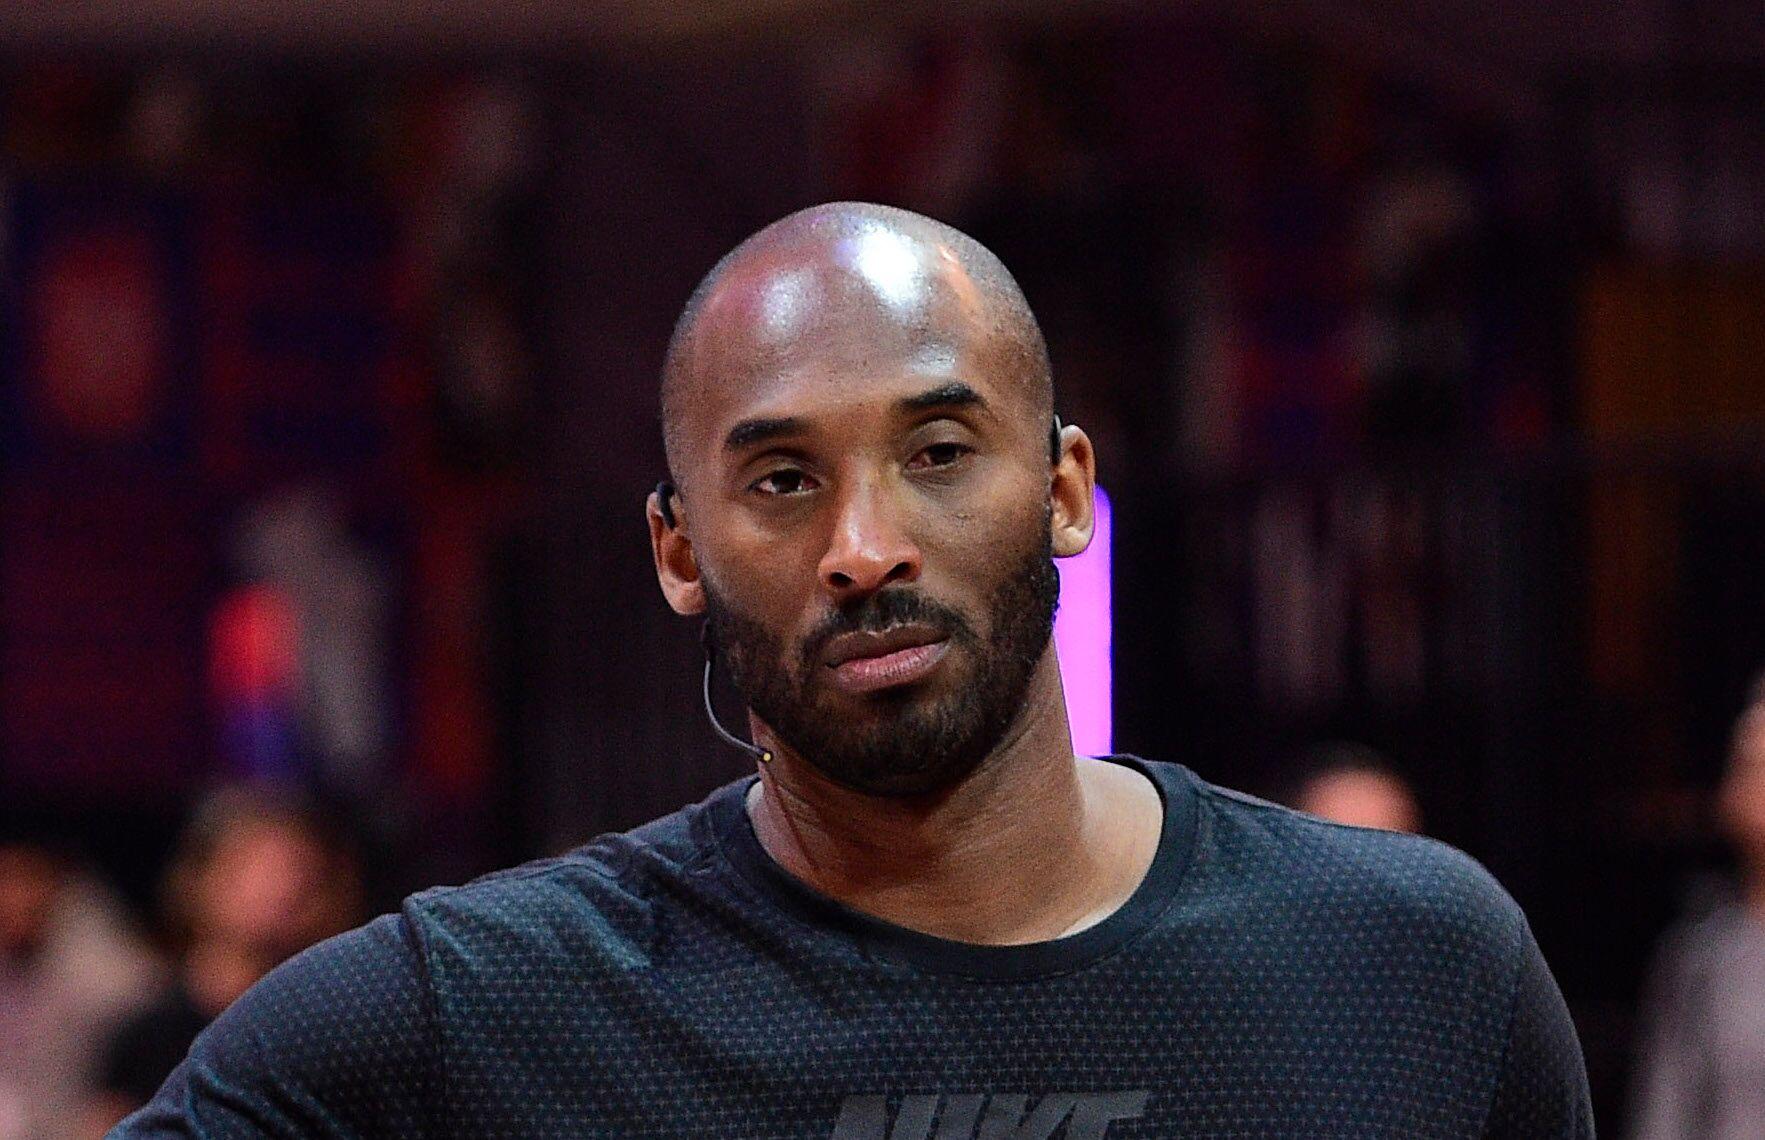 Mort de Kobe Bryant : cet enregistrement audio alarmant capté quelques minutes avant le drame